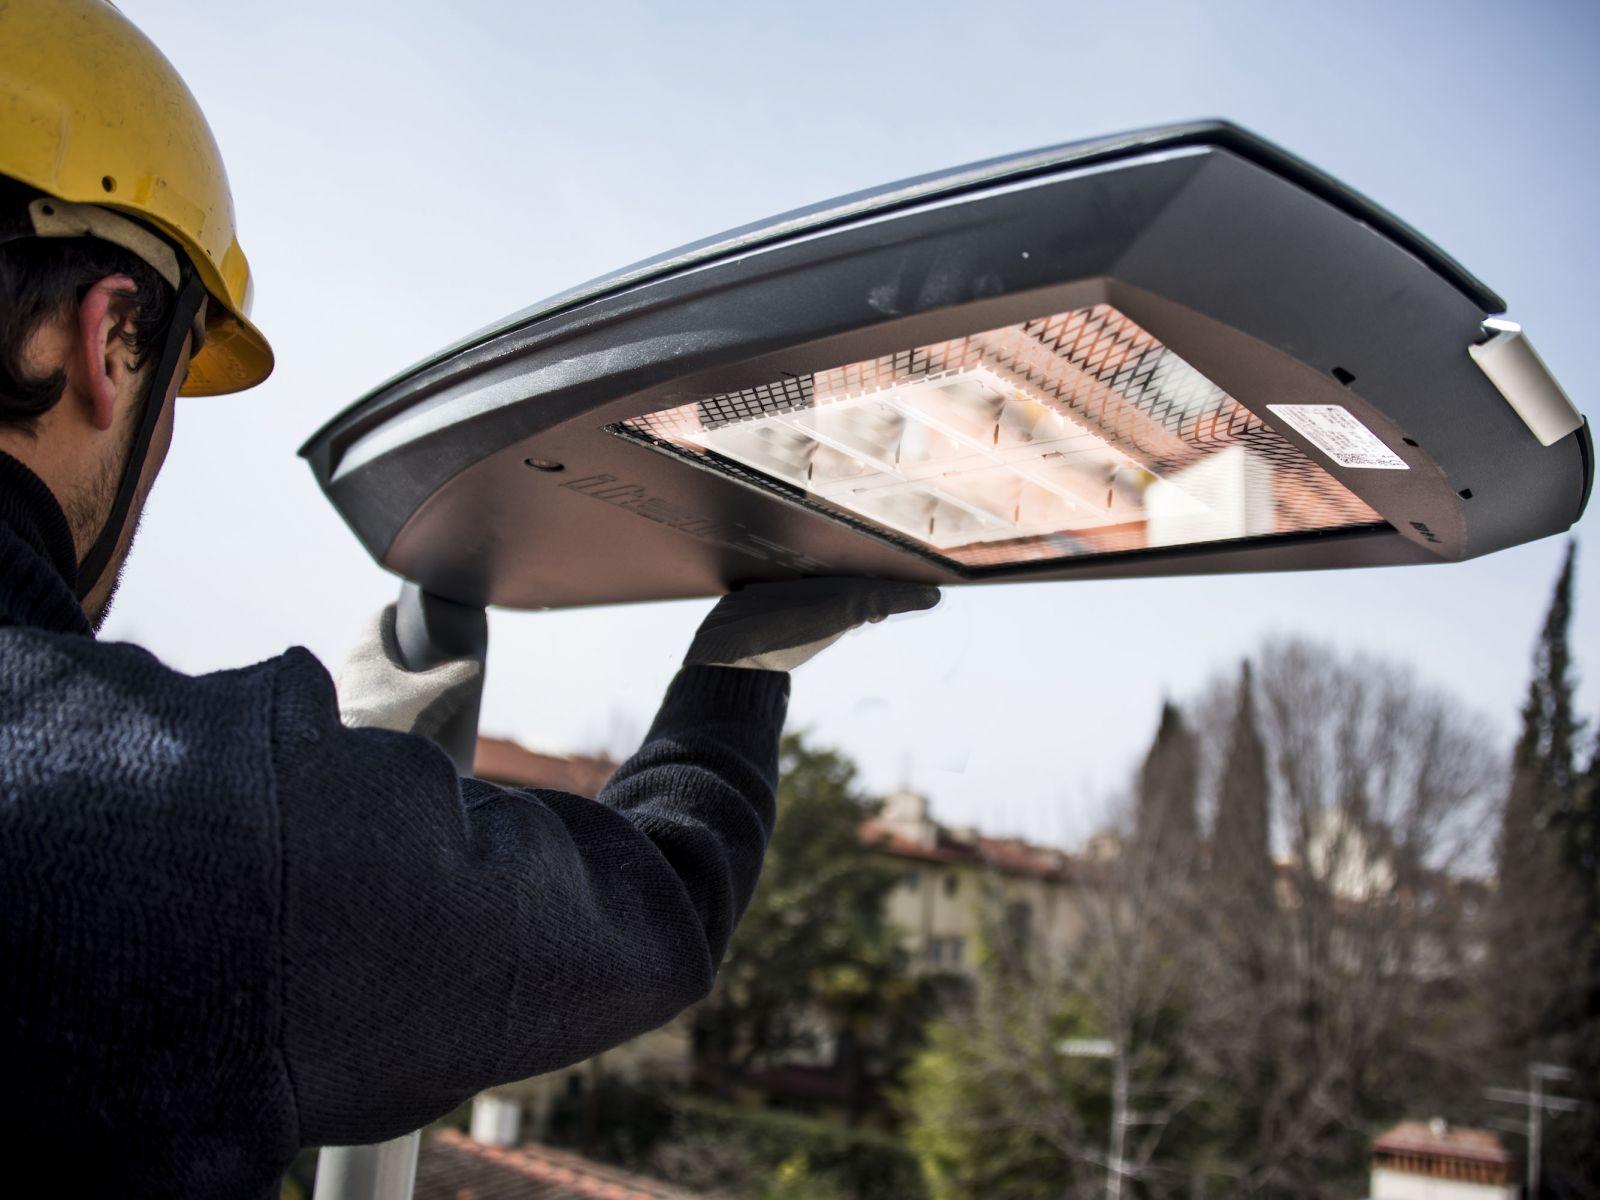 Lampade a led, più efficienza e maggiori risparmi